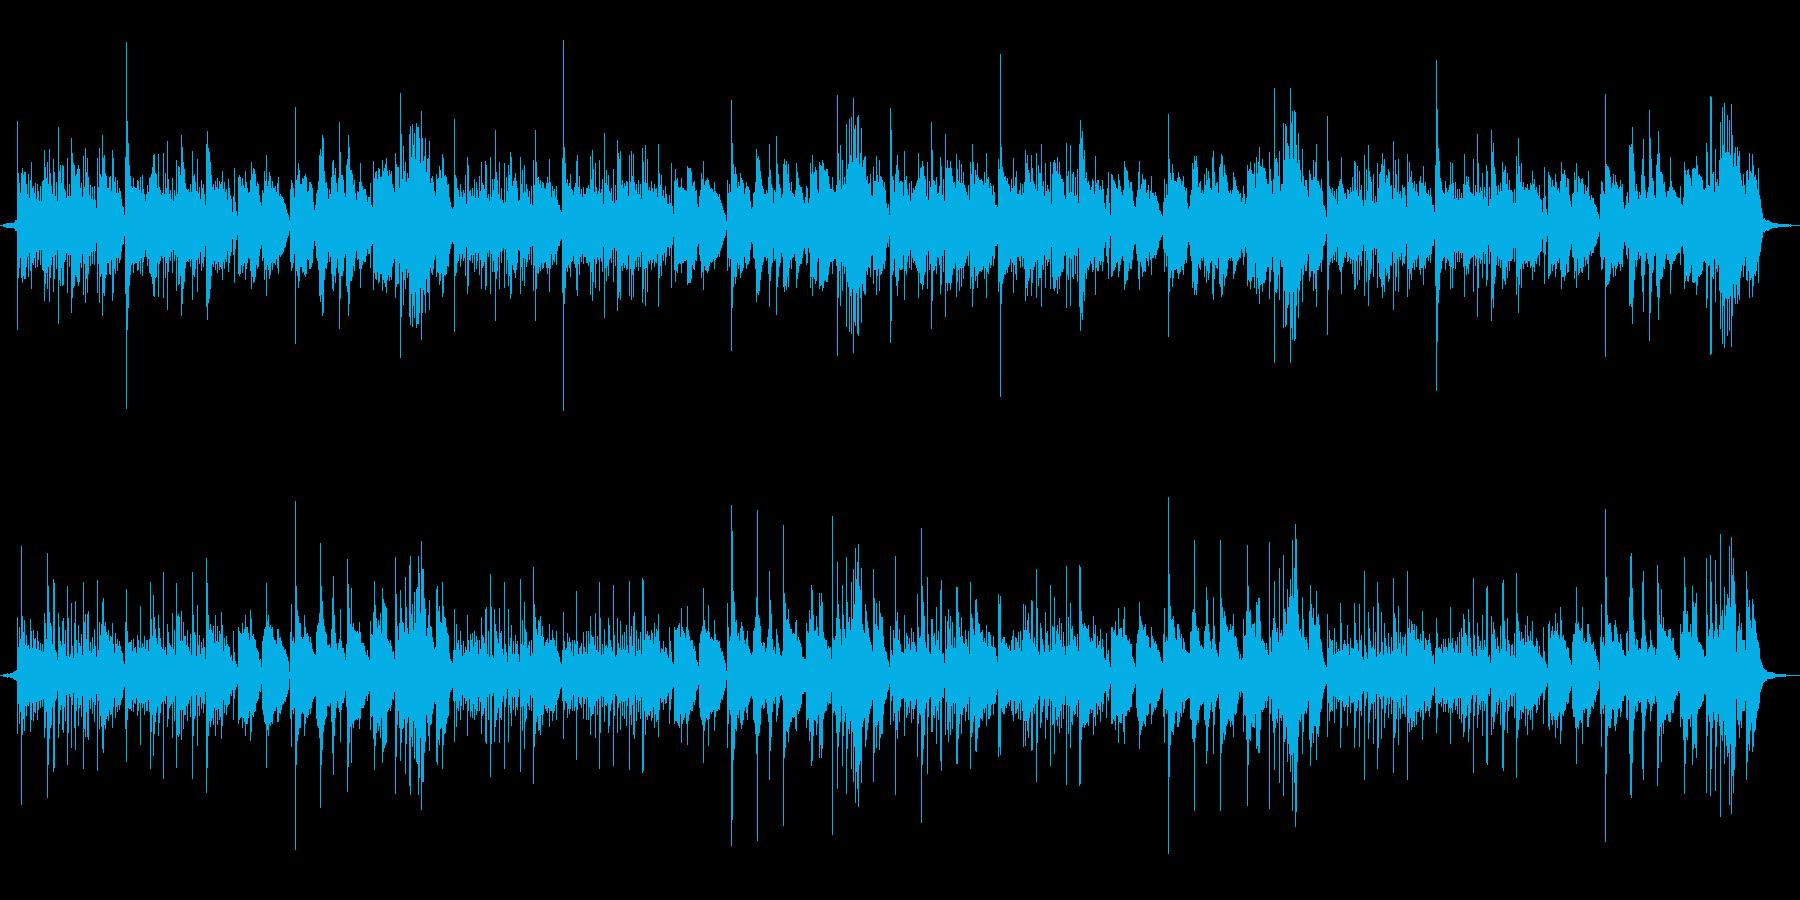 アコースティックギター&ストリングスの再生済みの波形